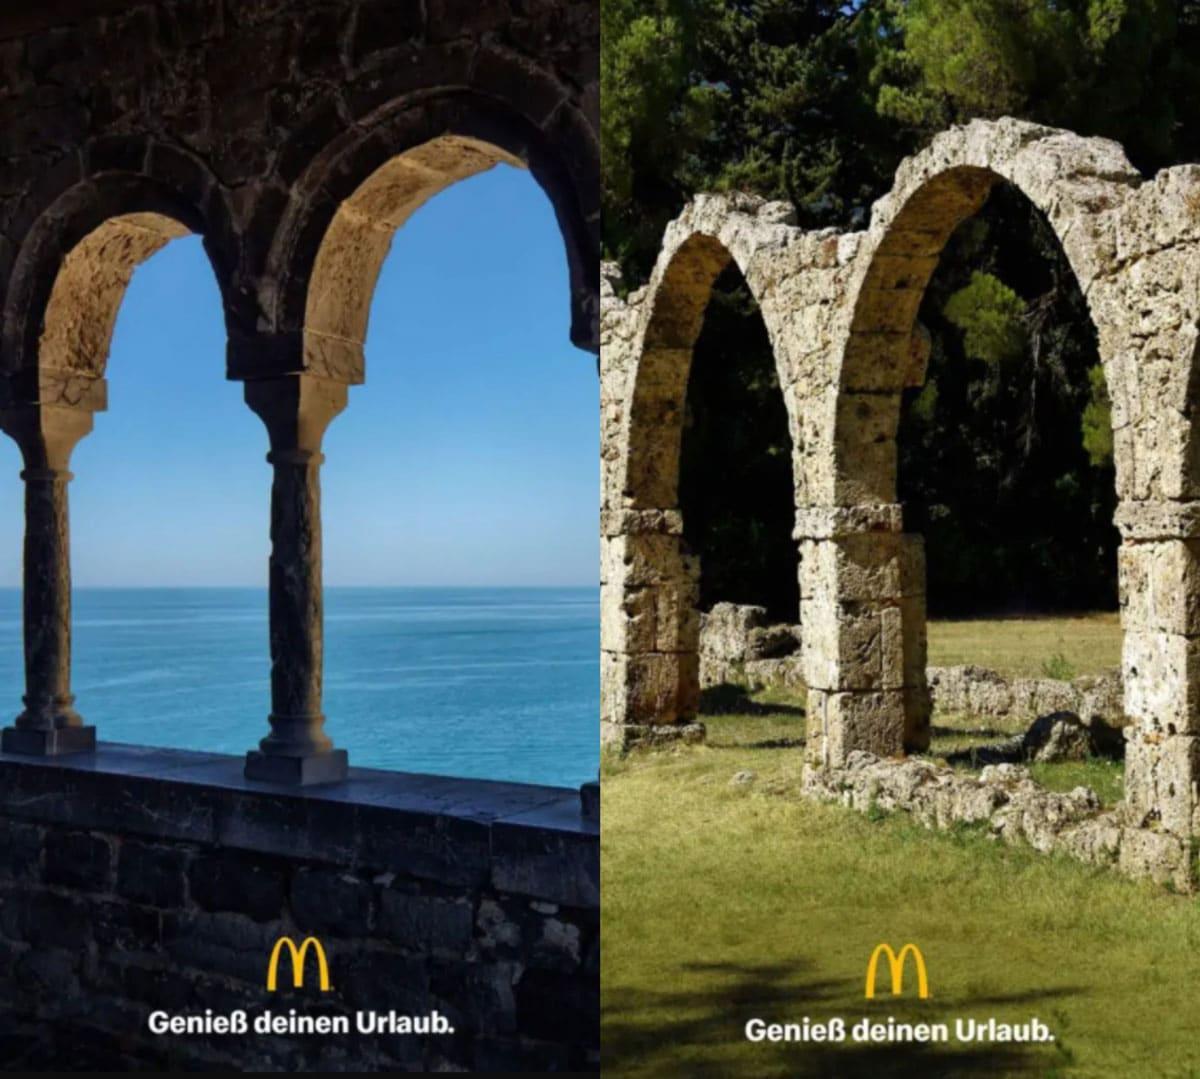 publicidad mcdonald's arcos